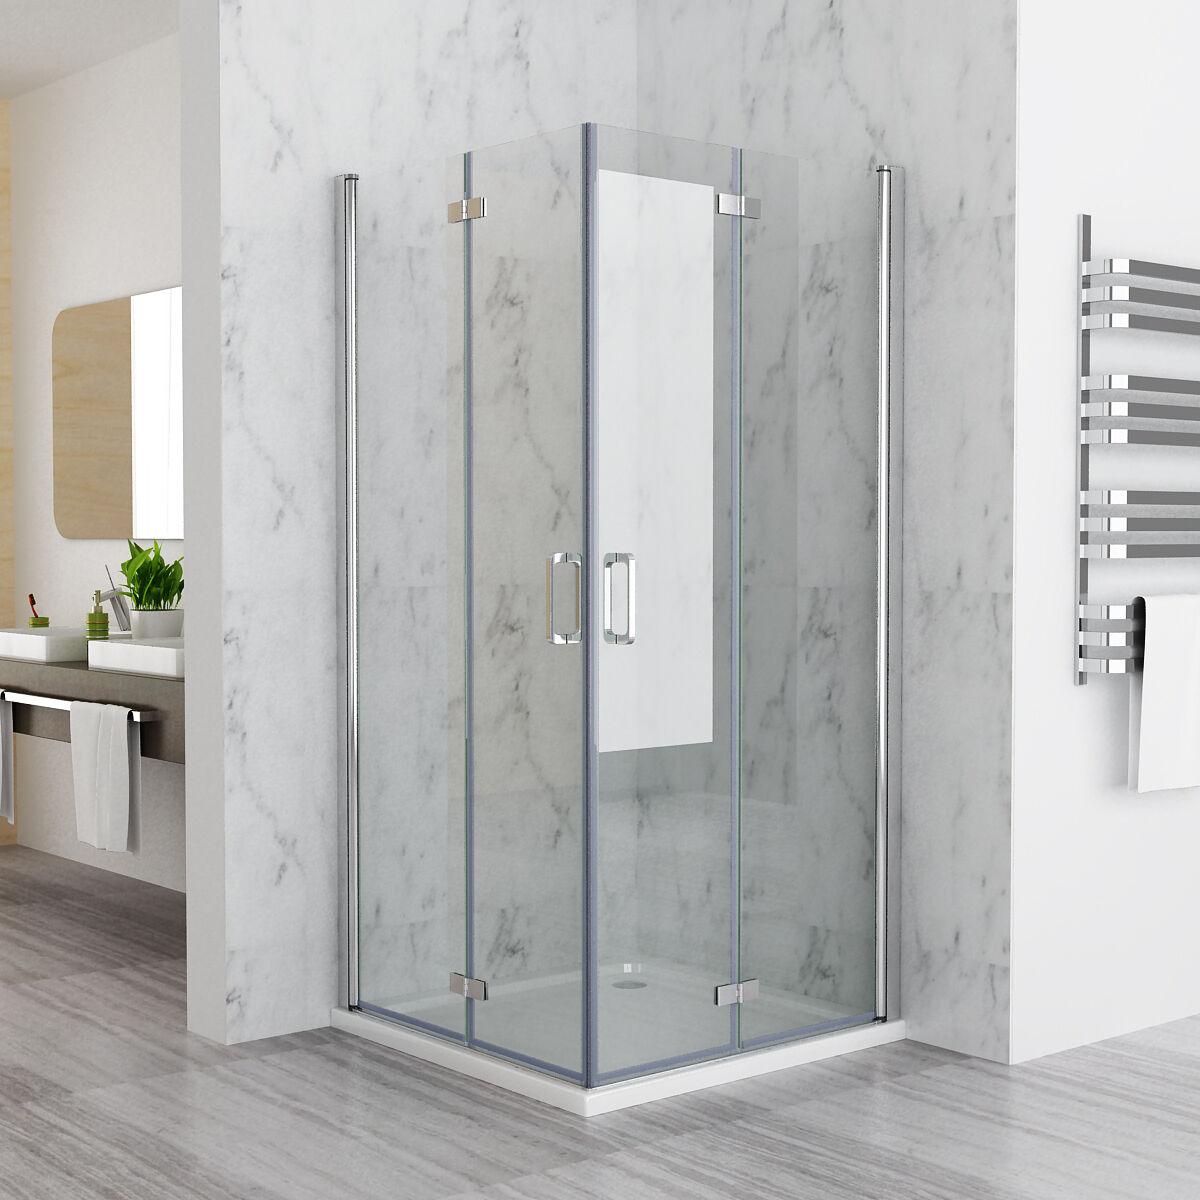 duschkabine eckeinstieg dusche 180 faltt r. Black Bedroom Furniture Sets. Home Design Ideas